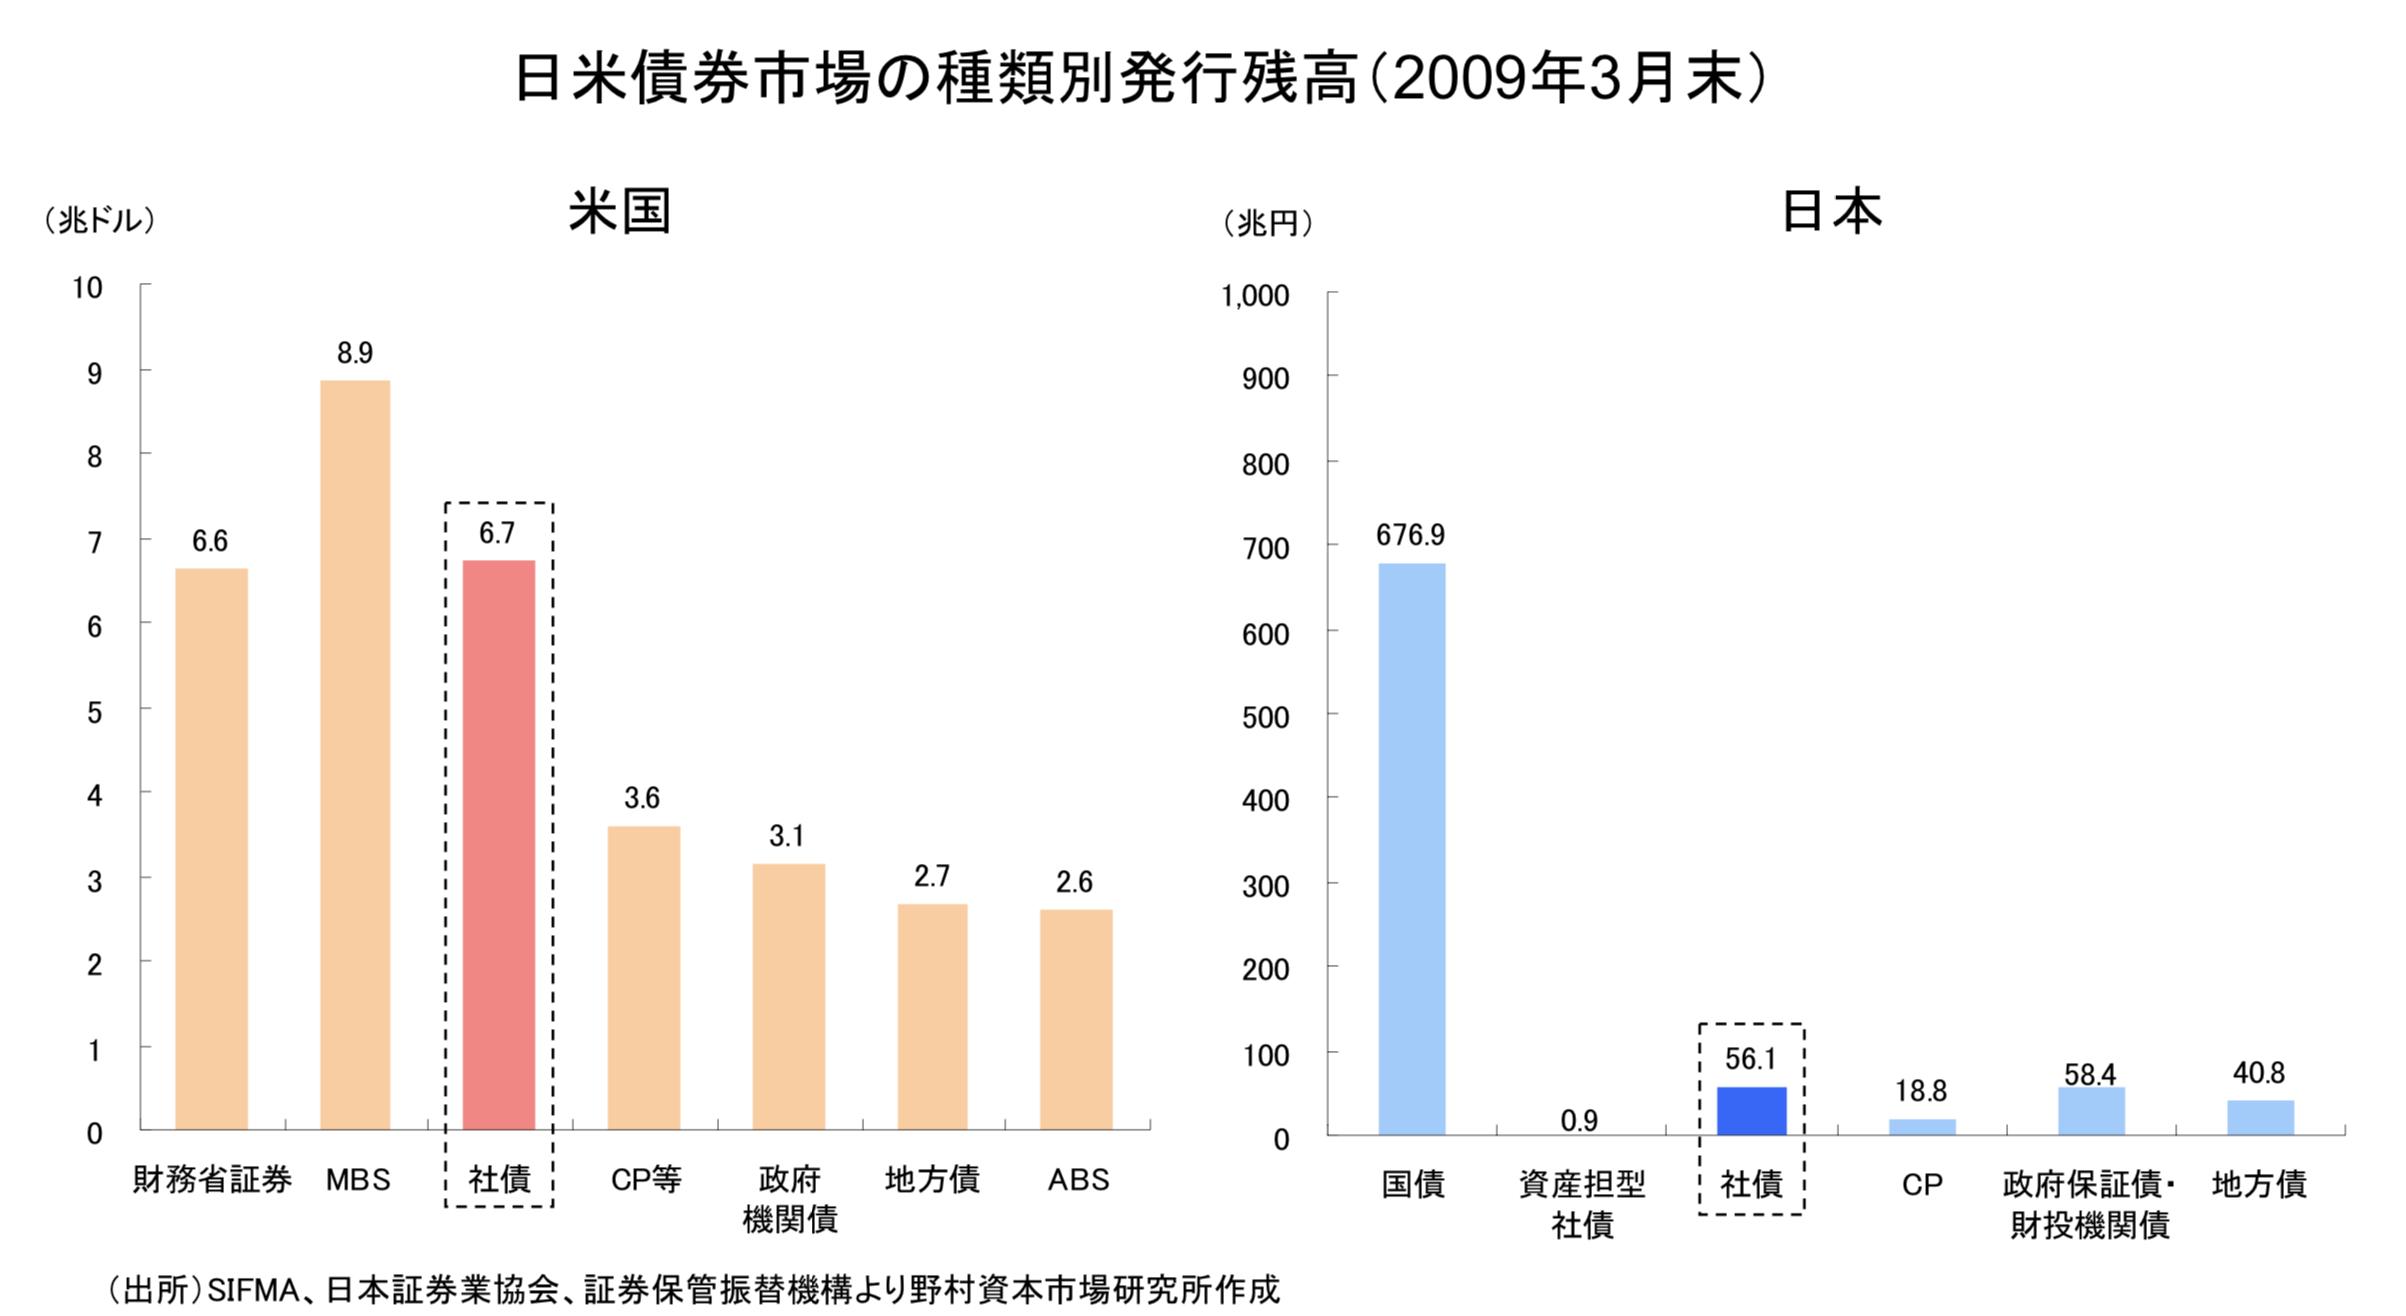 日米の債券市場における社債の立ち位置